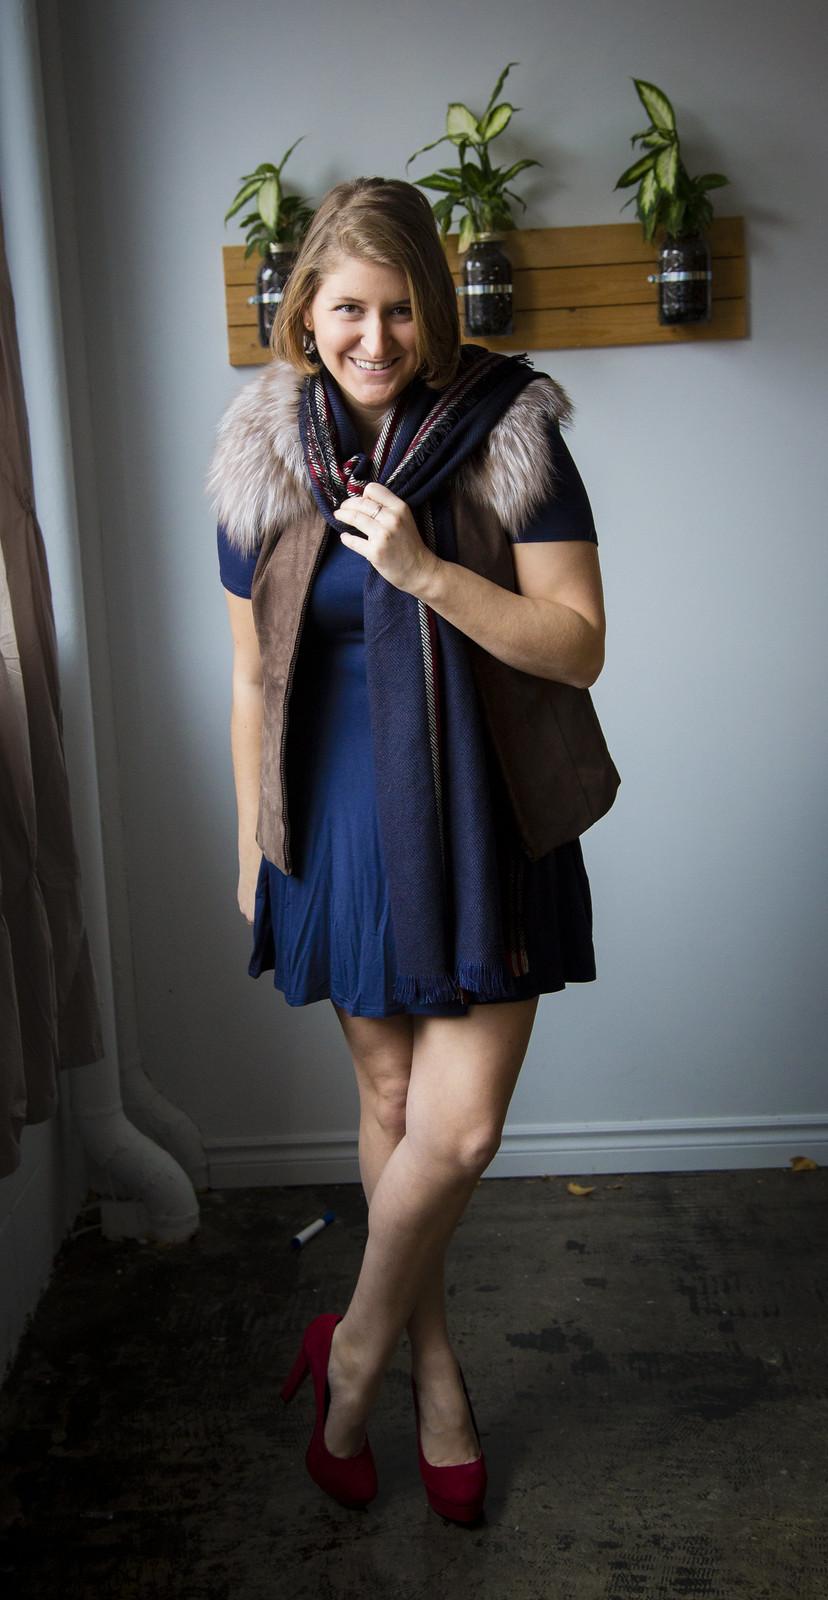 boutique rocco, Eläma,Camille Buisson-Gentilhomme, virginie pichet, virginie, andrée-anne joly, robe, bleu, fourrure, foulard, veste, talon haut, mode